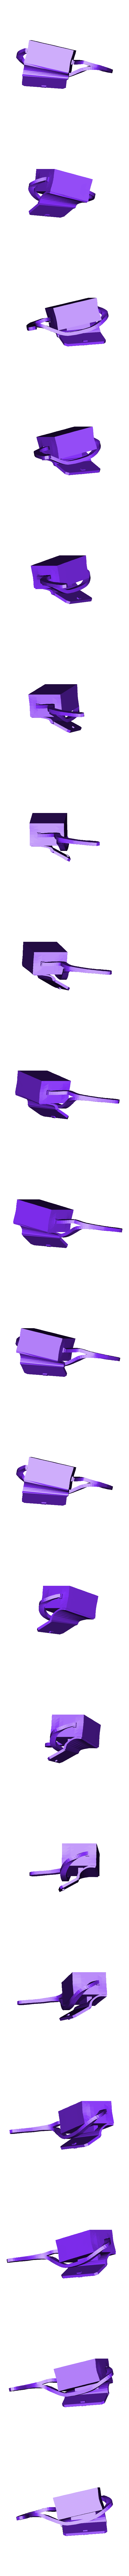 GWReticule-H0.stl Télécharger fichier STL gratuit Fille qui attend le train • Plan imprimable en 3D, polkin